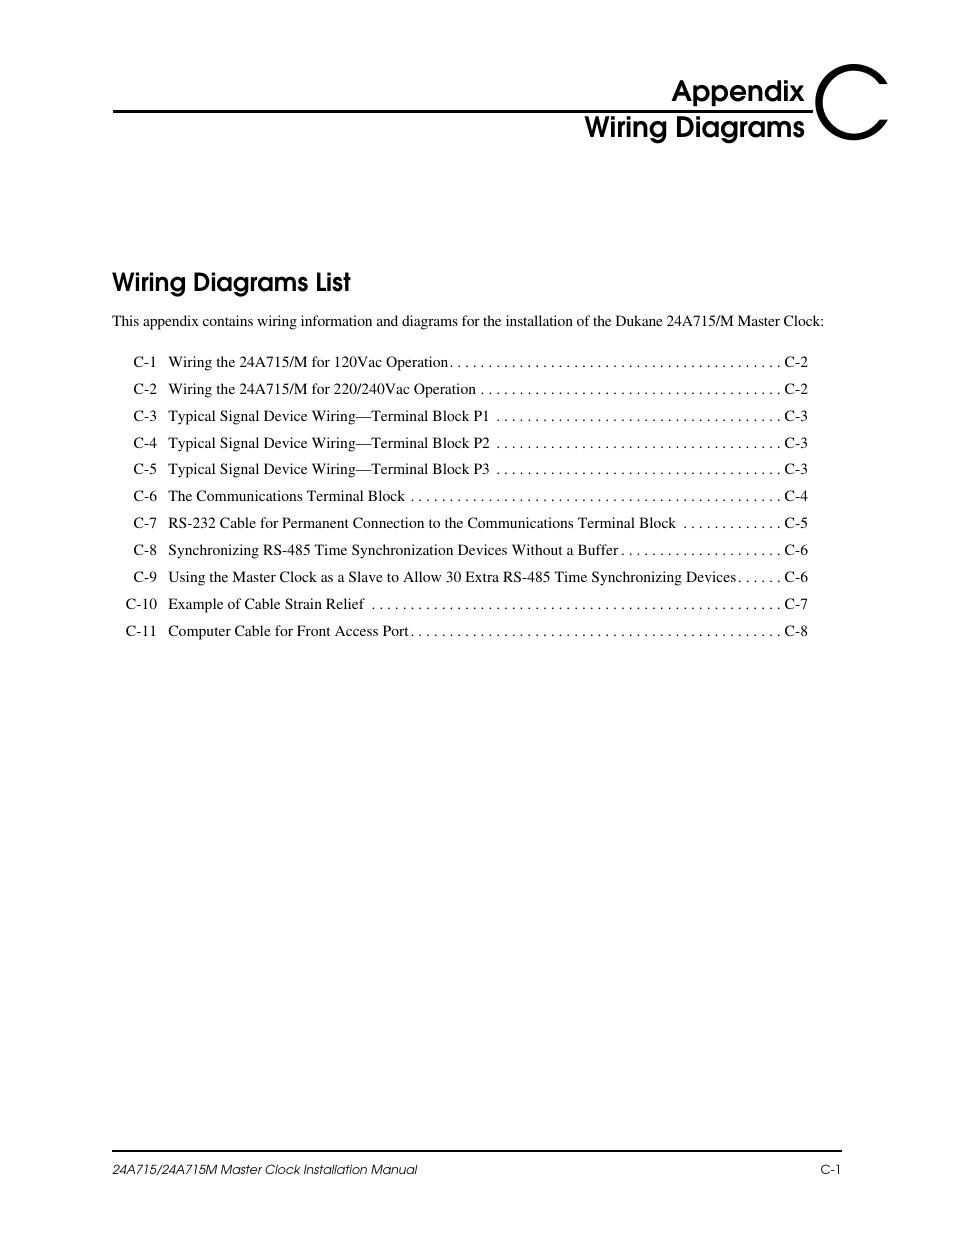 dukane wiring diagram wiring libraryappendix wiring diagrams lathem dukane 24a715 user manual page 75 86